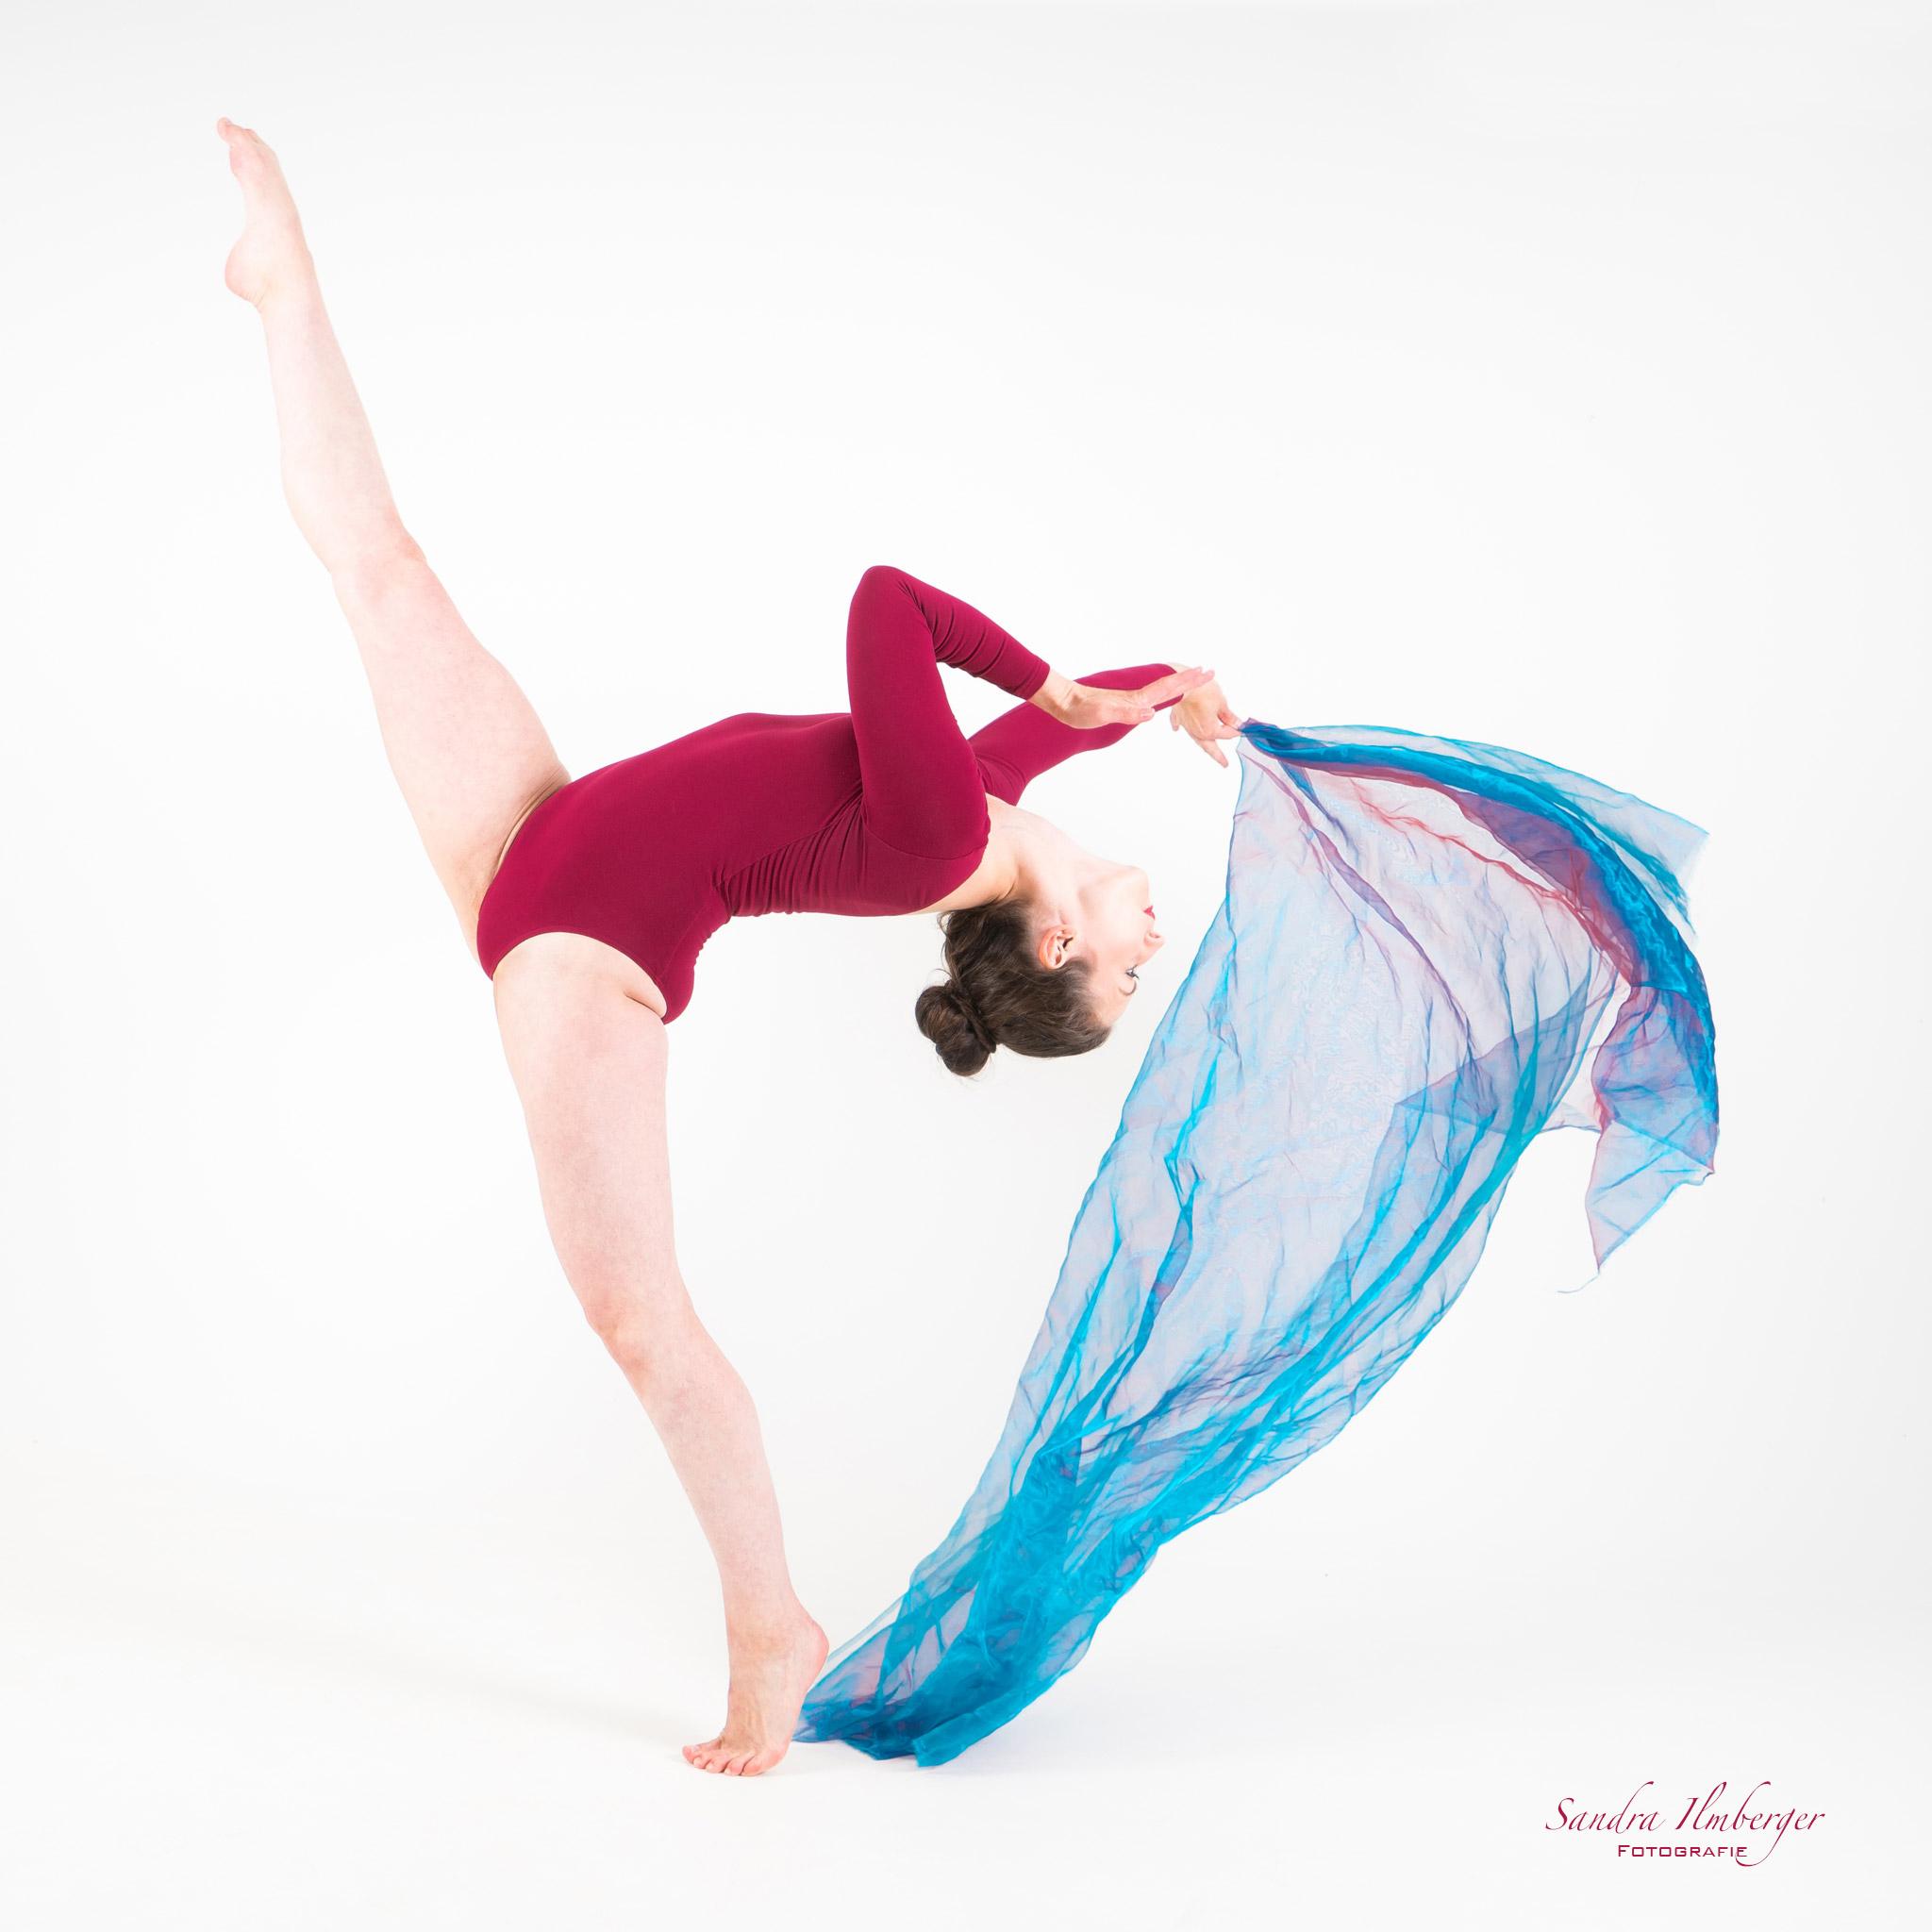 Ballerina (Foto: Sandra Ilmberger)